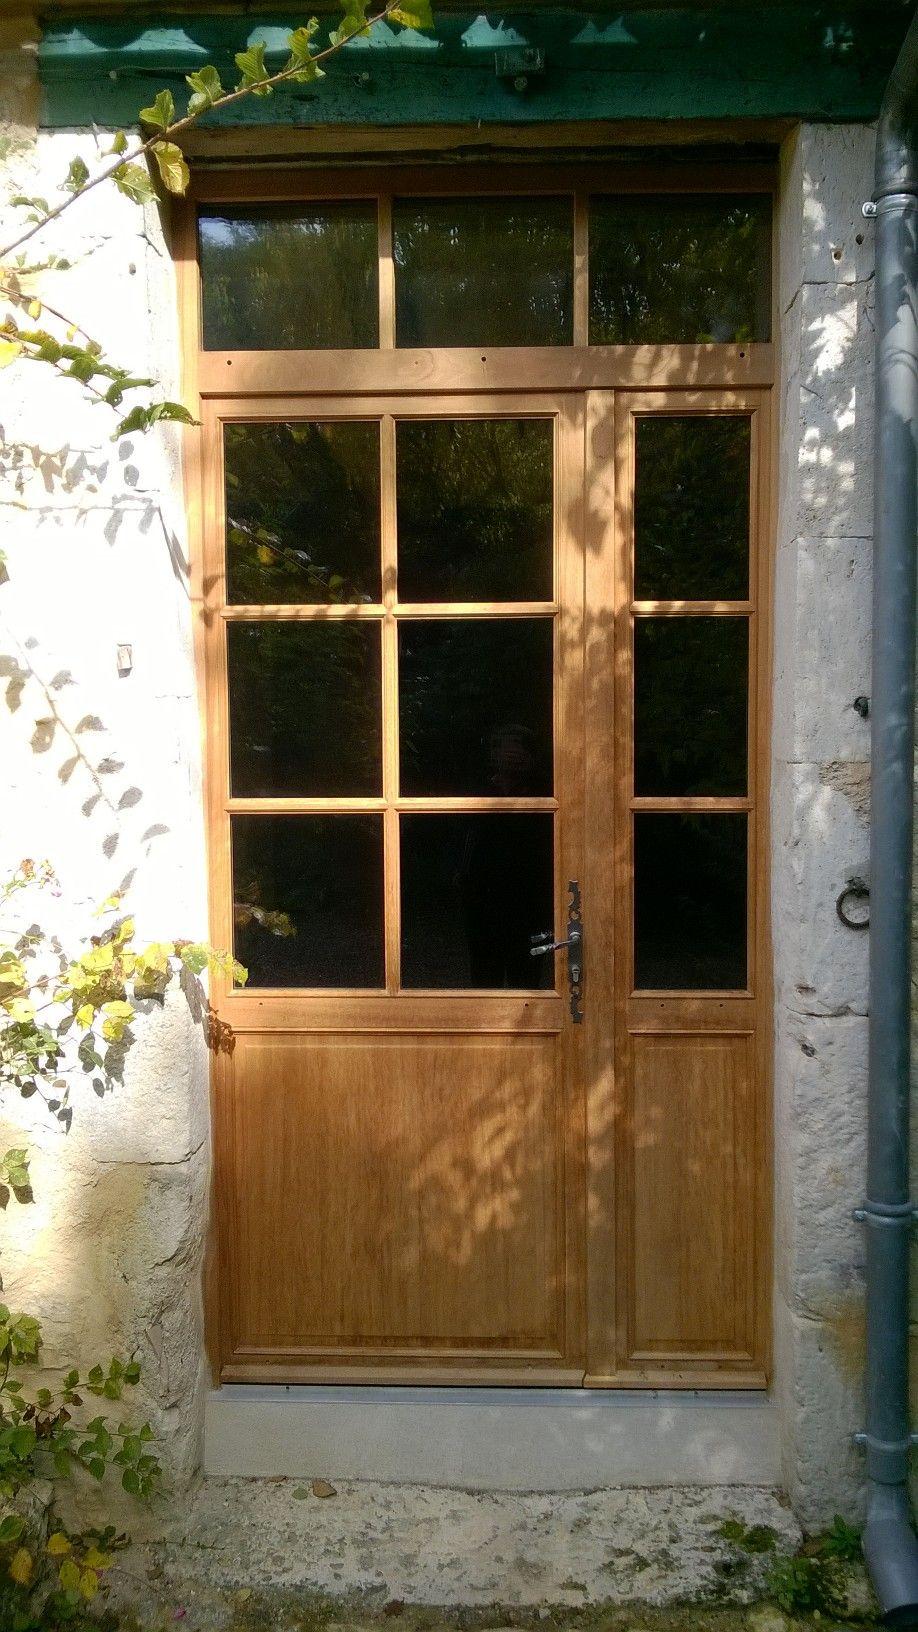 Porte fen tre tierc avec imposte vitr e partie haute vitr e soubassement panneaux pour - Porte d entree bois lapeyre ...